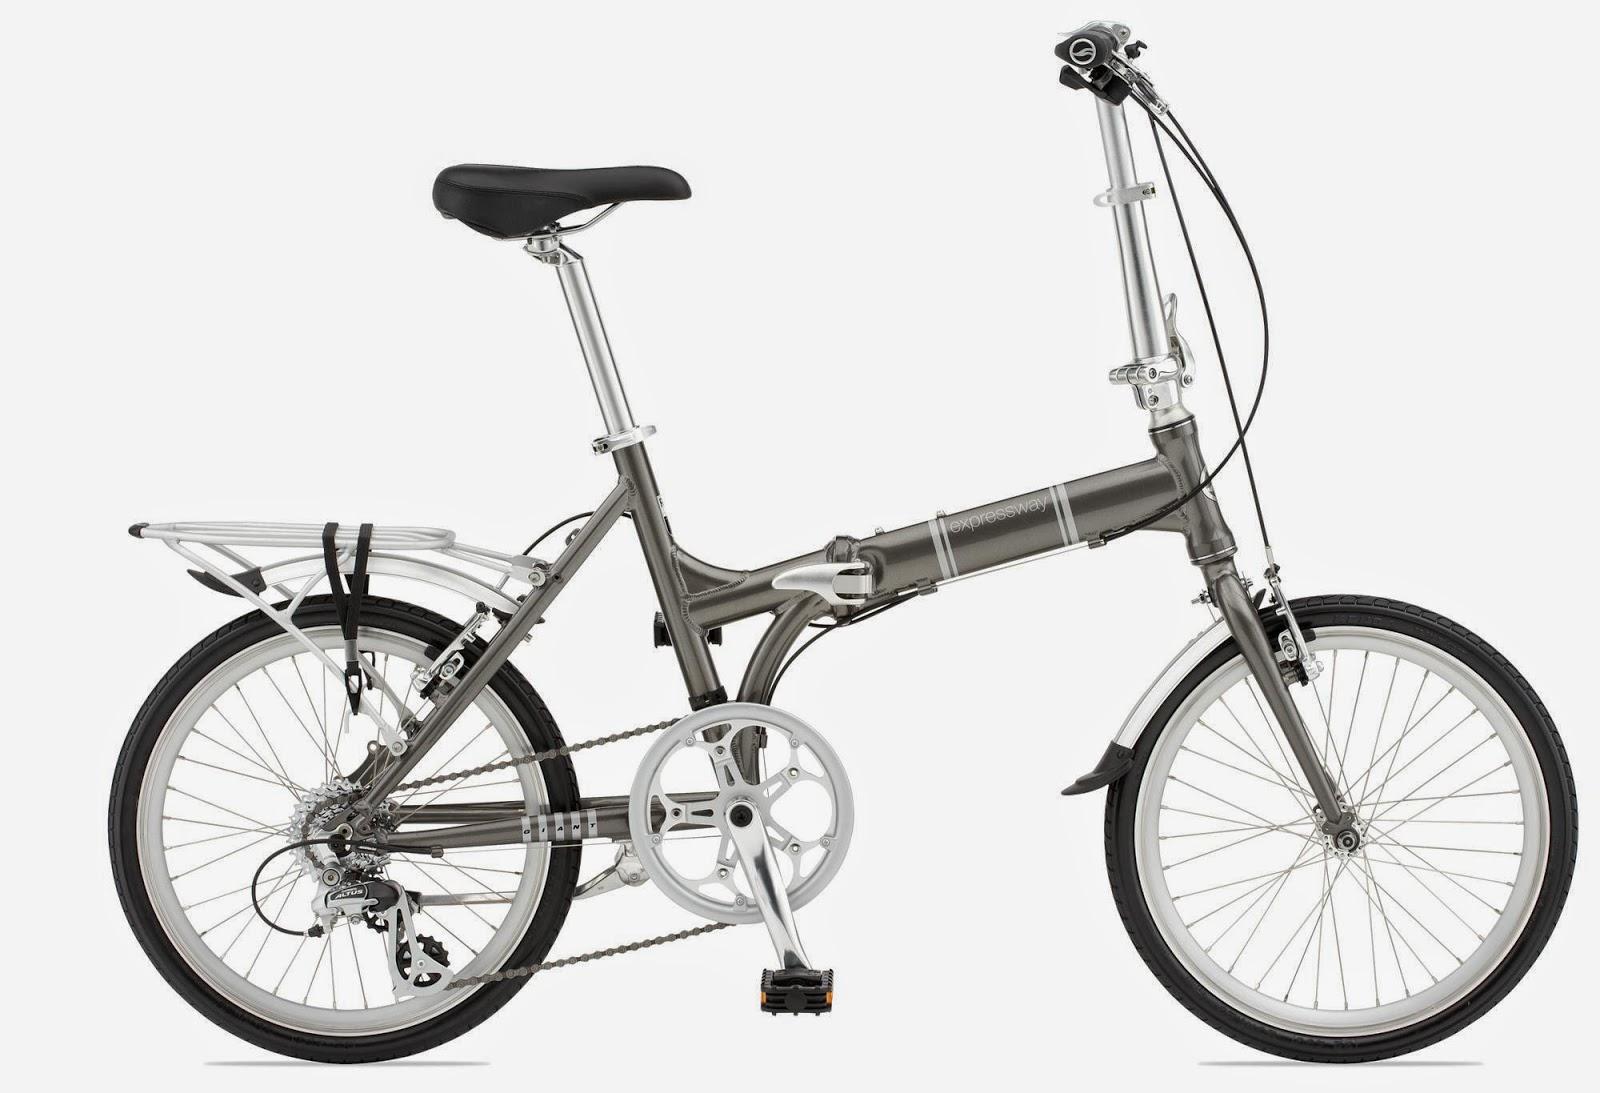 Bisiklet Özgürlüktür: GİANT EXPRESSWAY-1 KATLANABİLİR